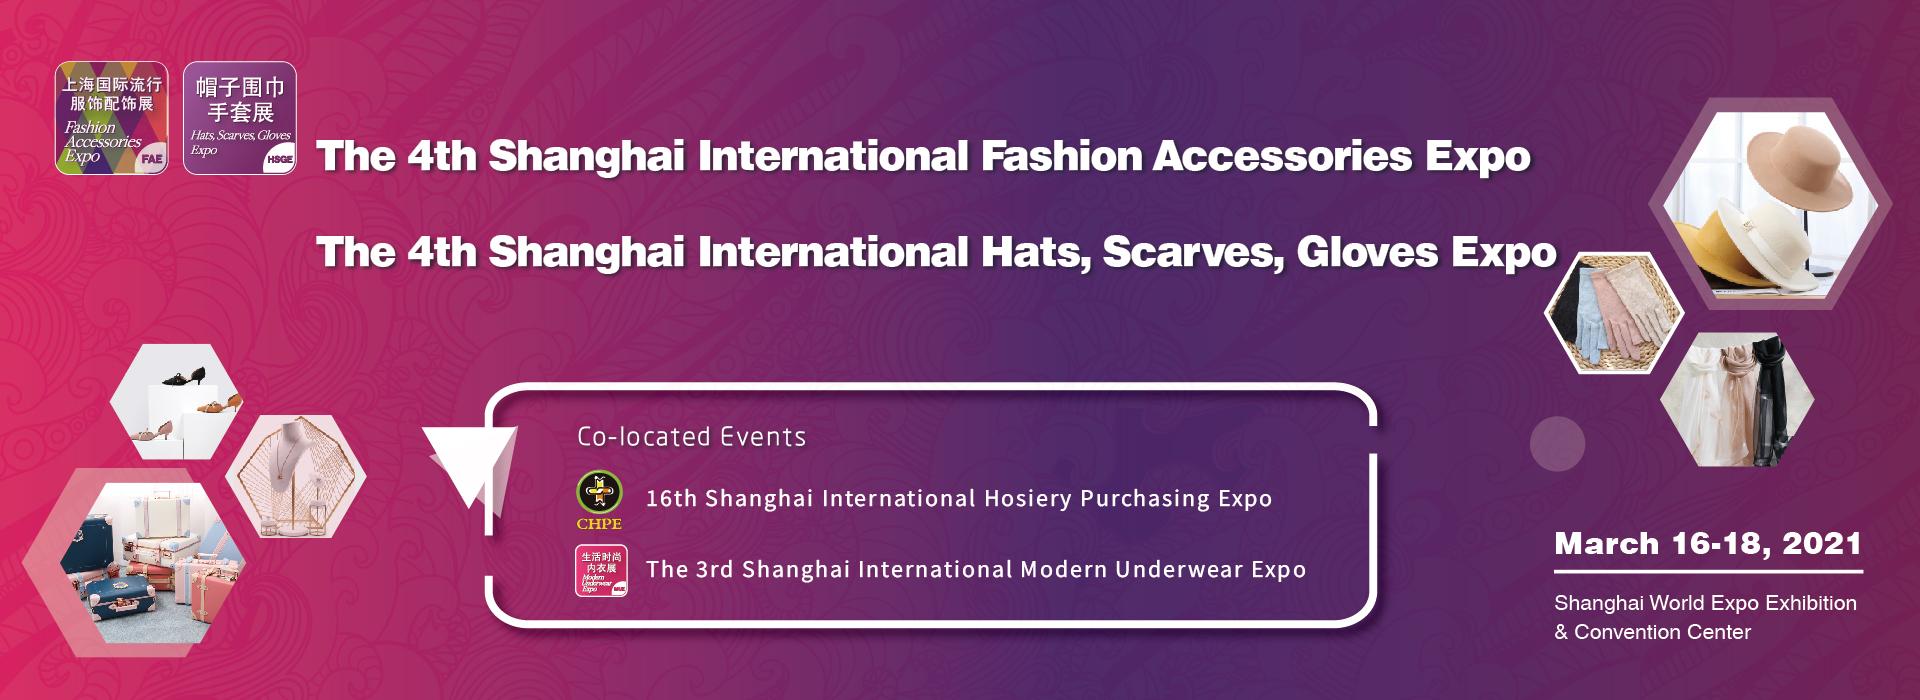 نمایشگاه بین المللی لوازم جانبی پوشاک و لباس چین شانگهای